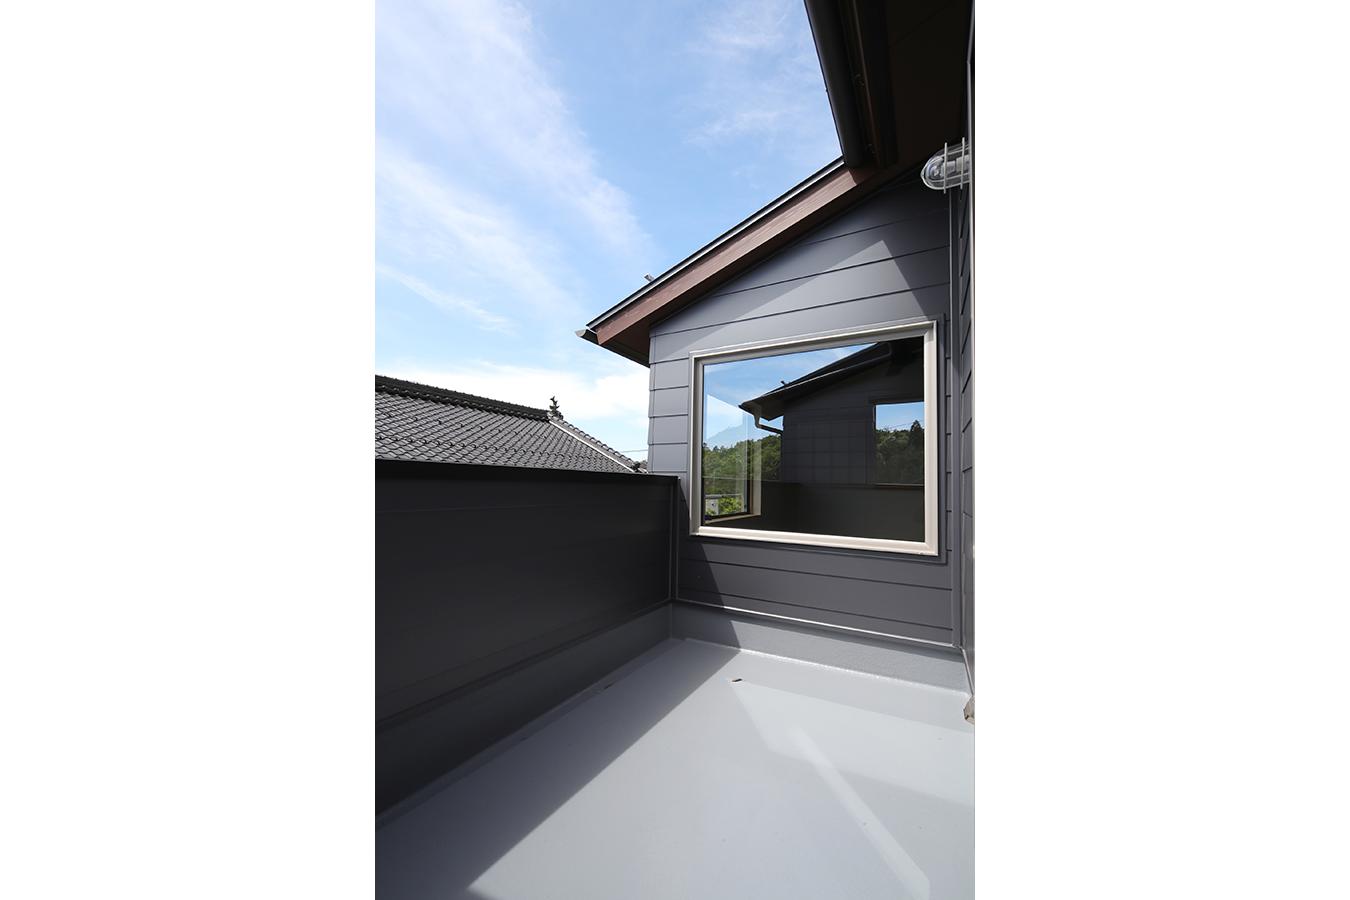 絵画のように景色を切り取る広いバルコニー リビングから見える窓には青空が映る